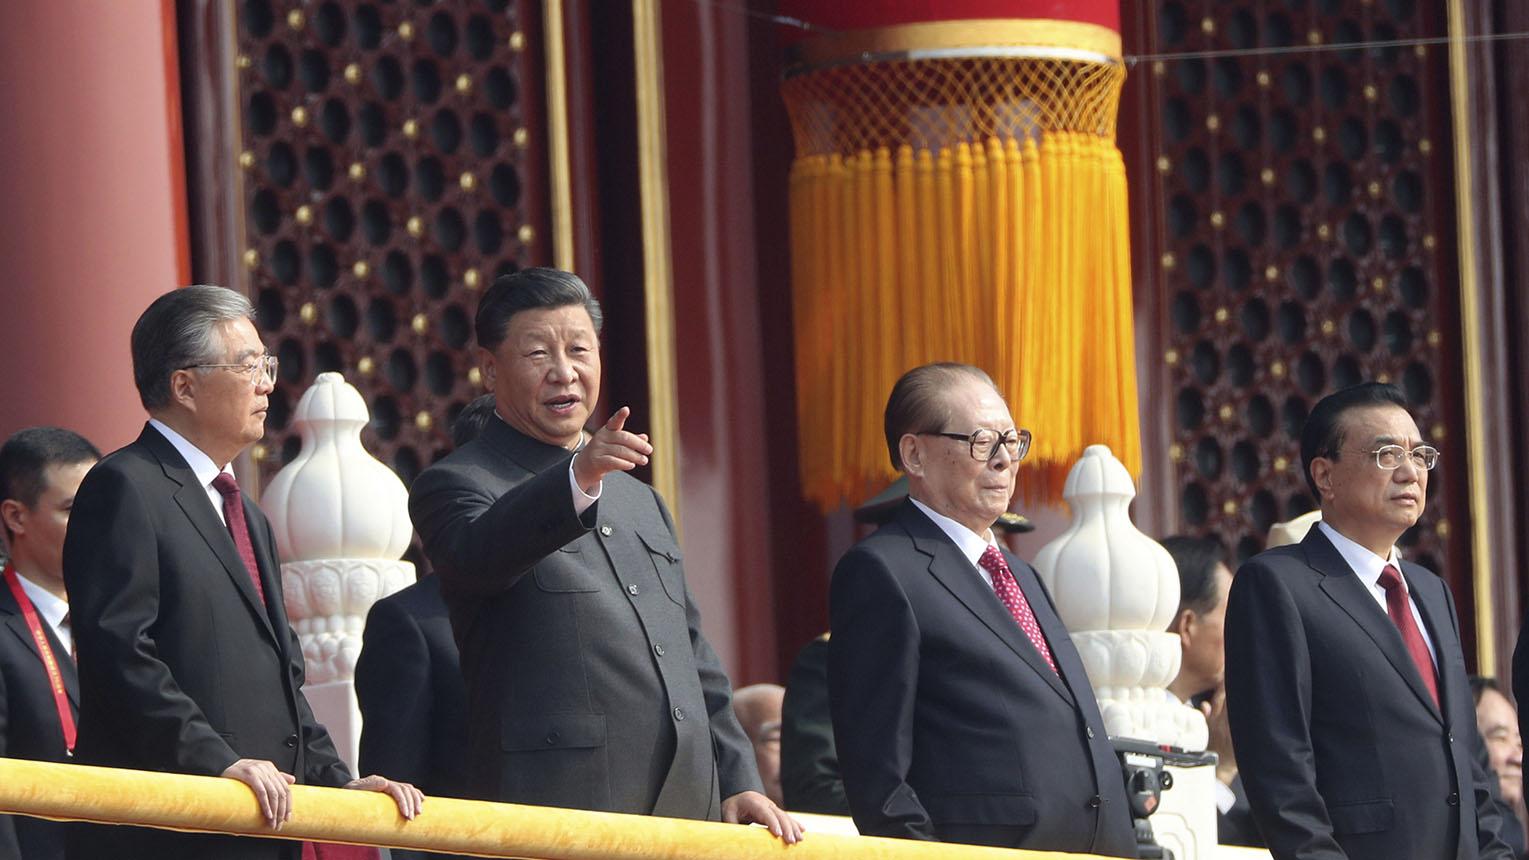 胡锦涛(左起)、习近平、江泽民、李克强在国庆70周年活动中。(美联社)